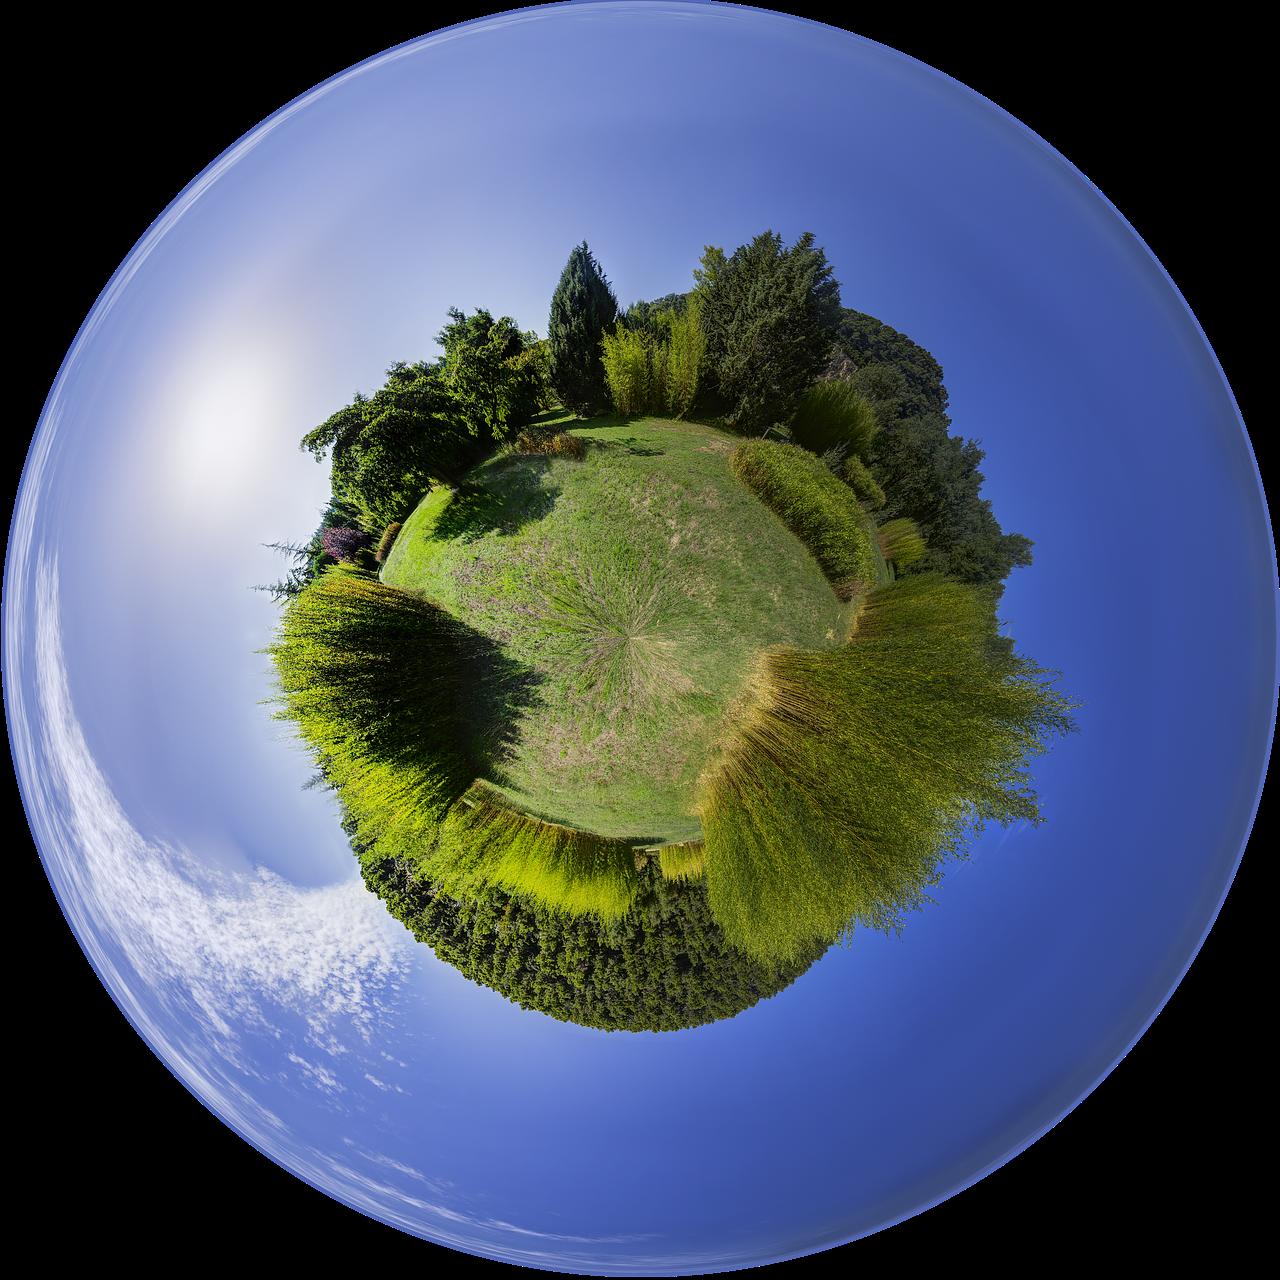 удивительно выглядит картинки зеленой планеты земля того